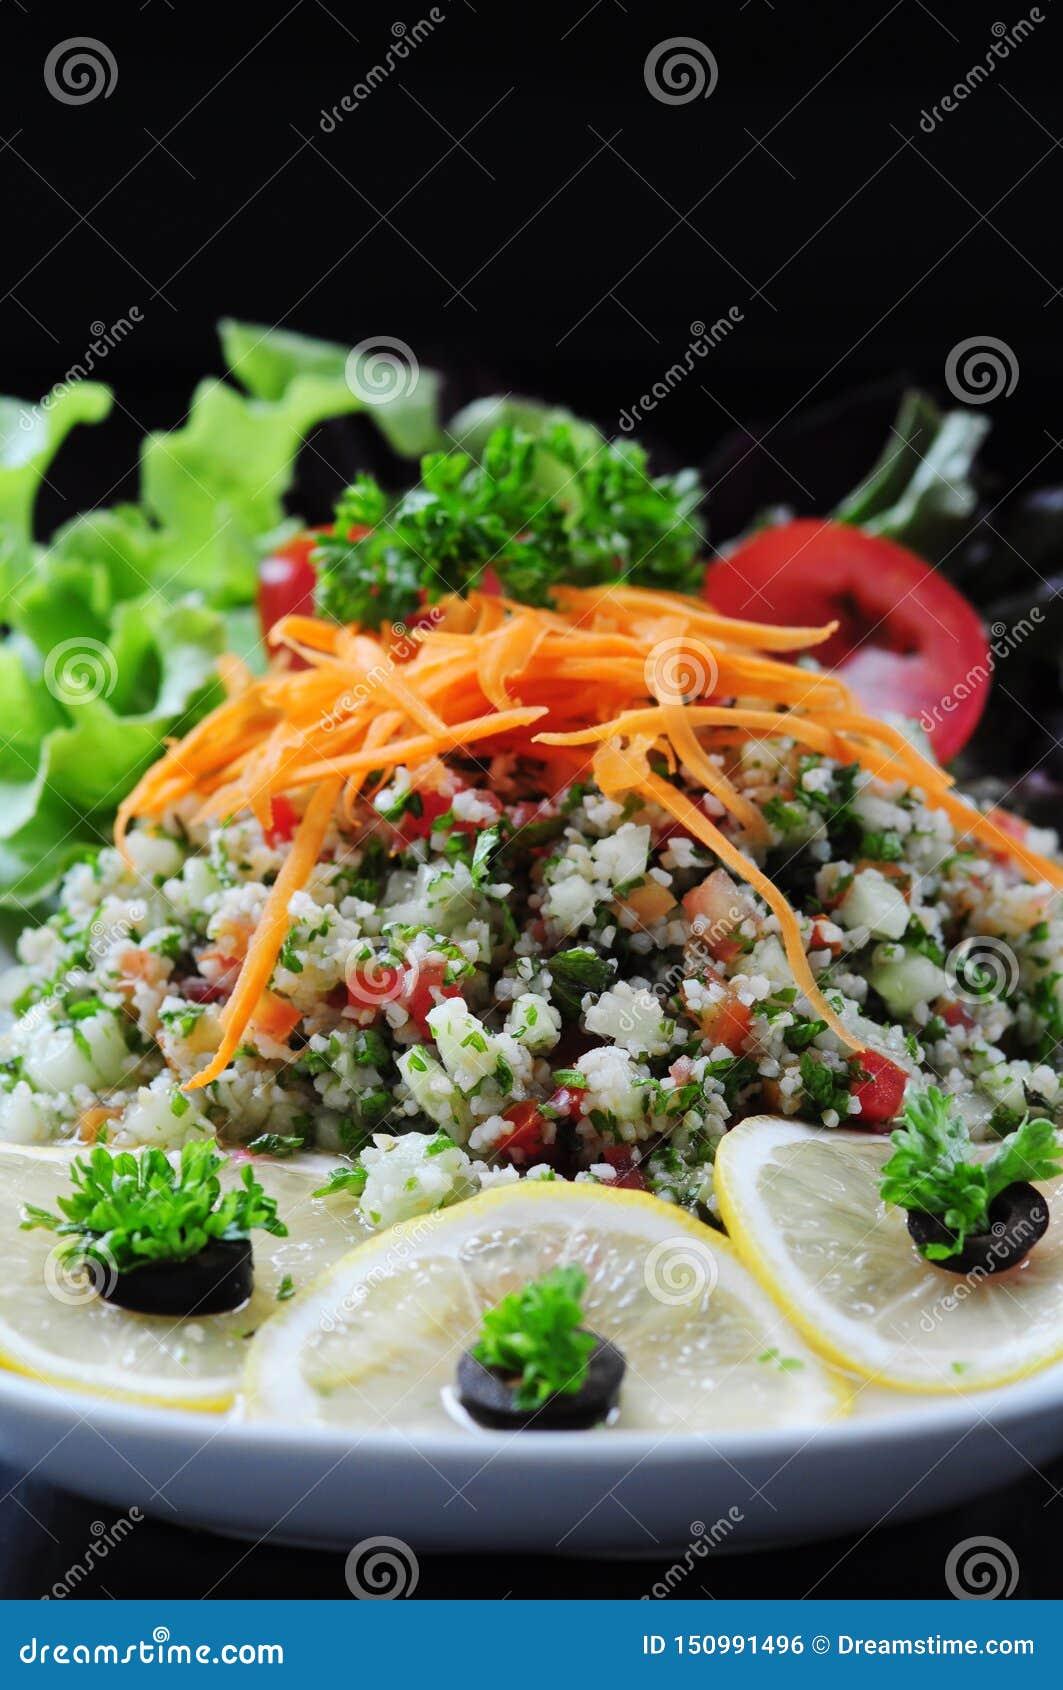 Salade thaïlandaise de légumes avec un fond noir